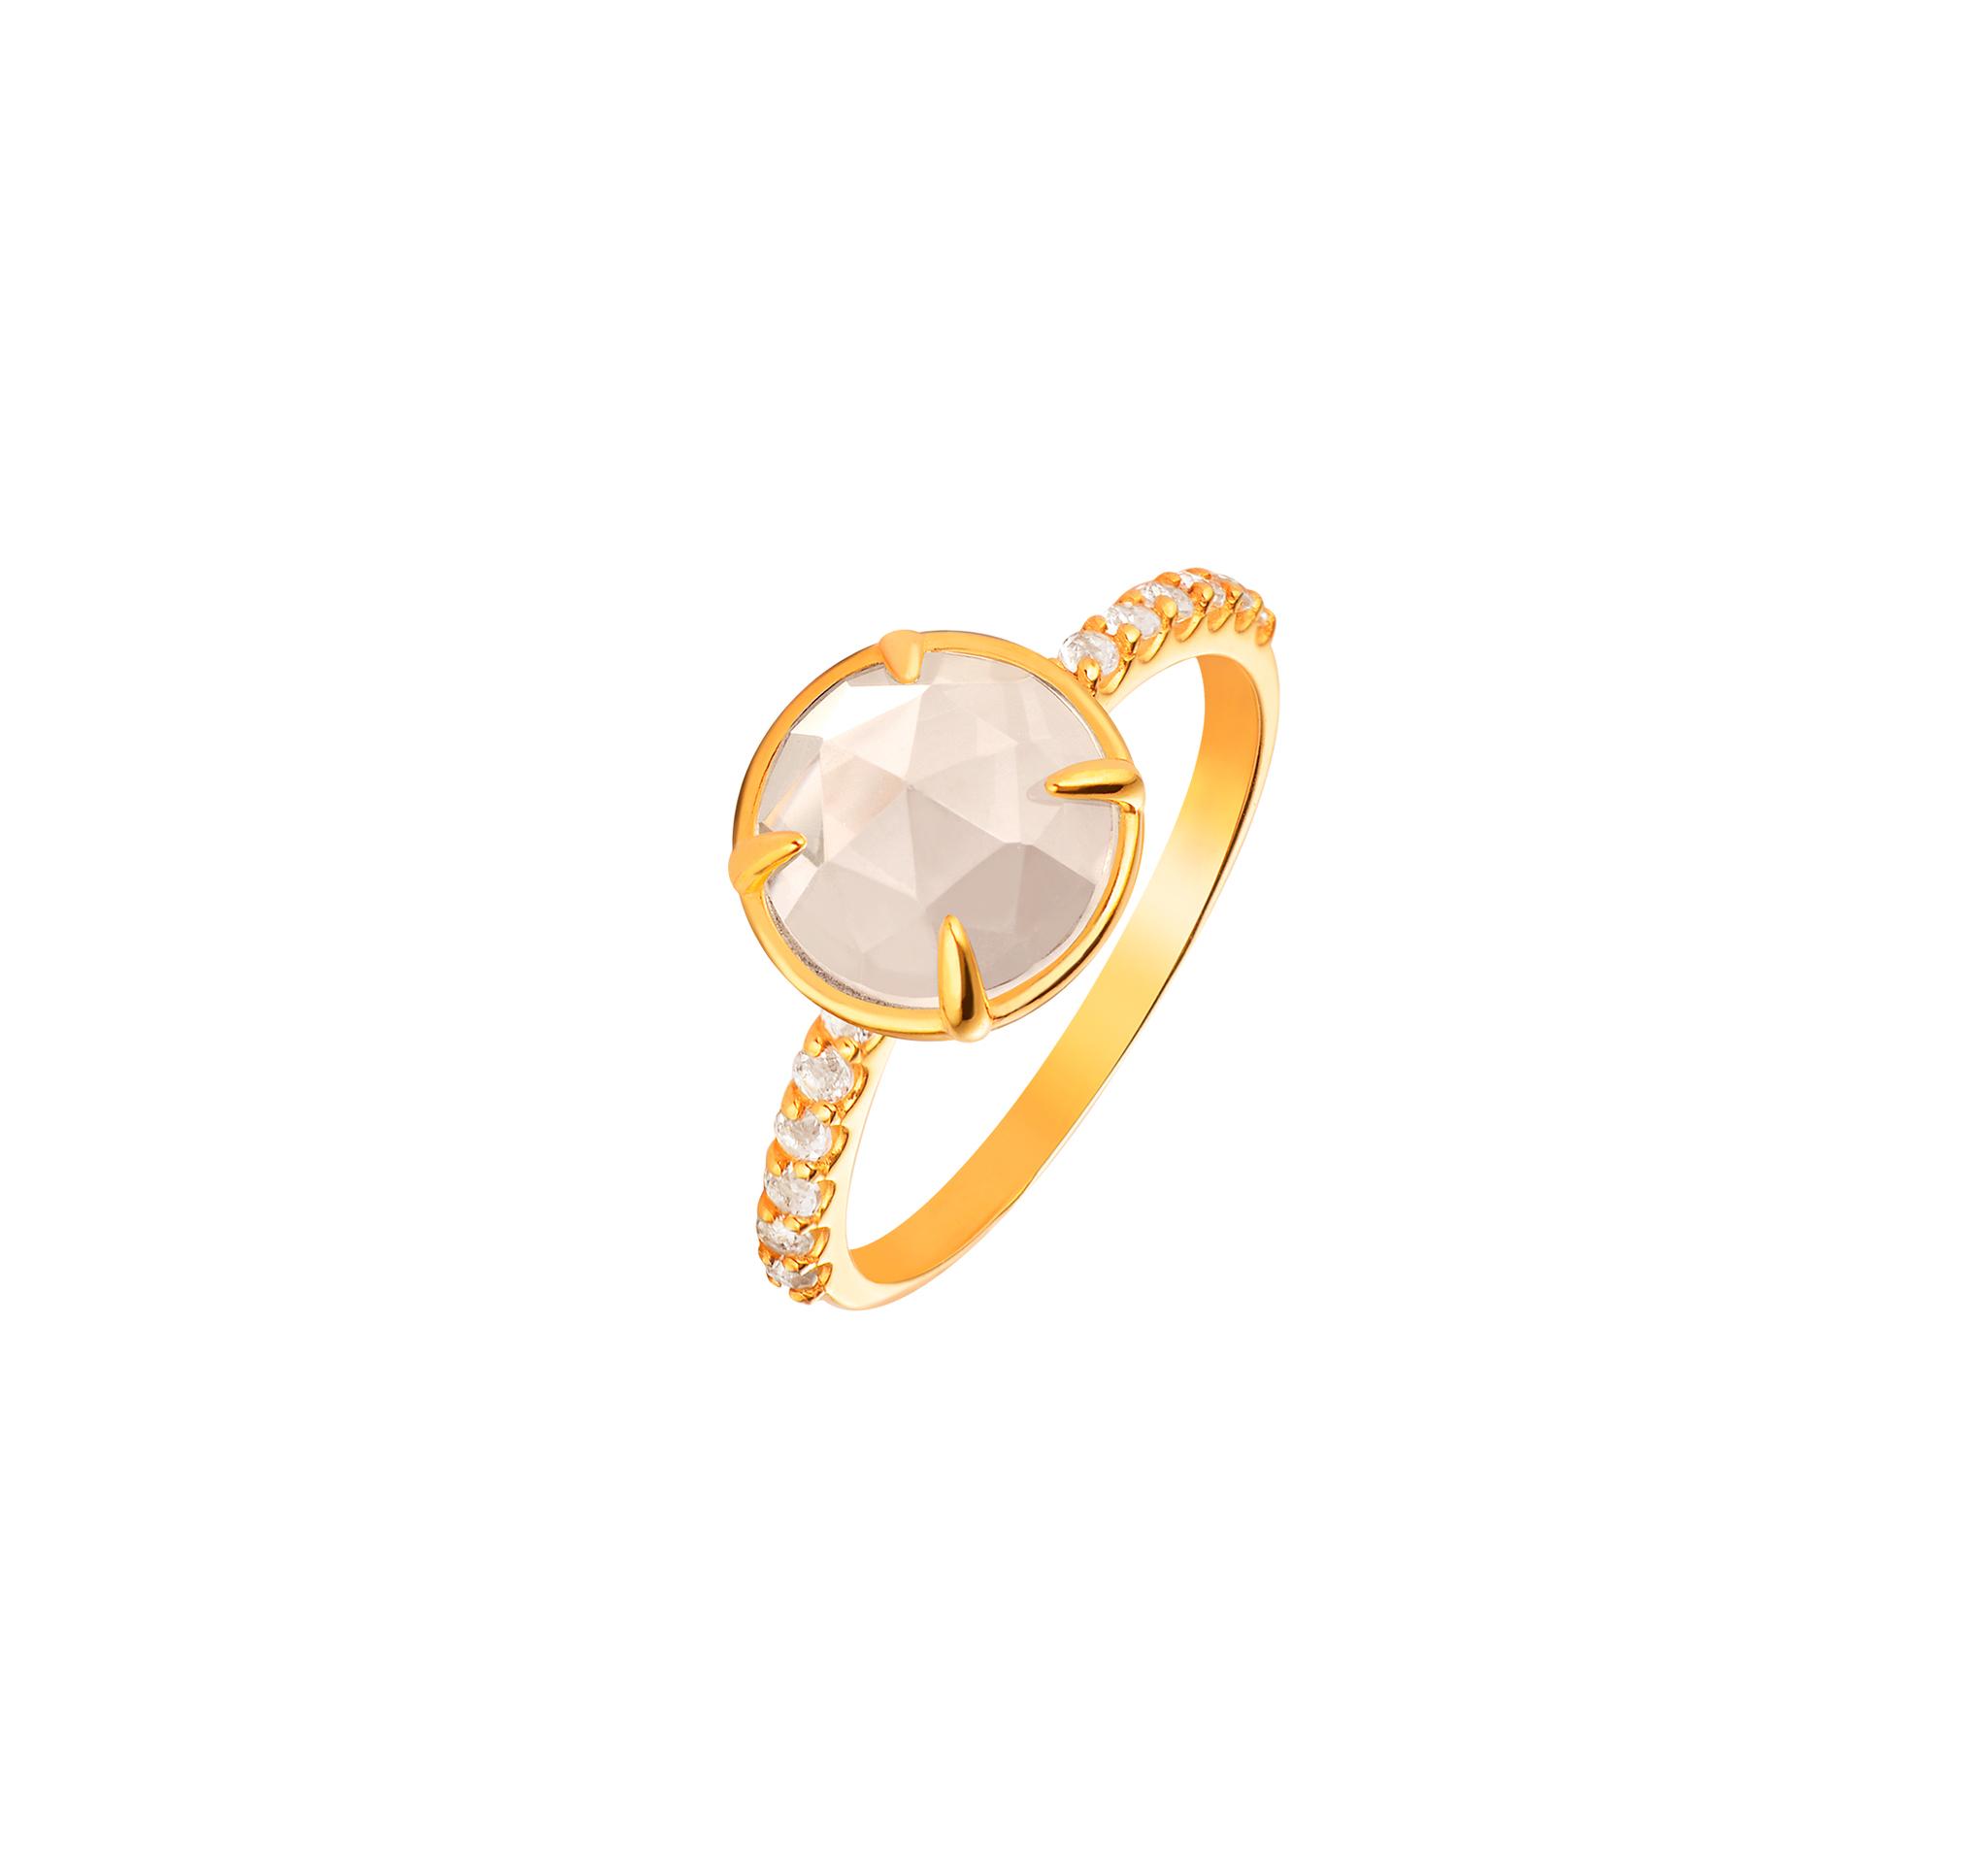 Кольцо с белыми топазами в позолоте